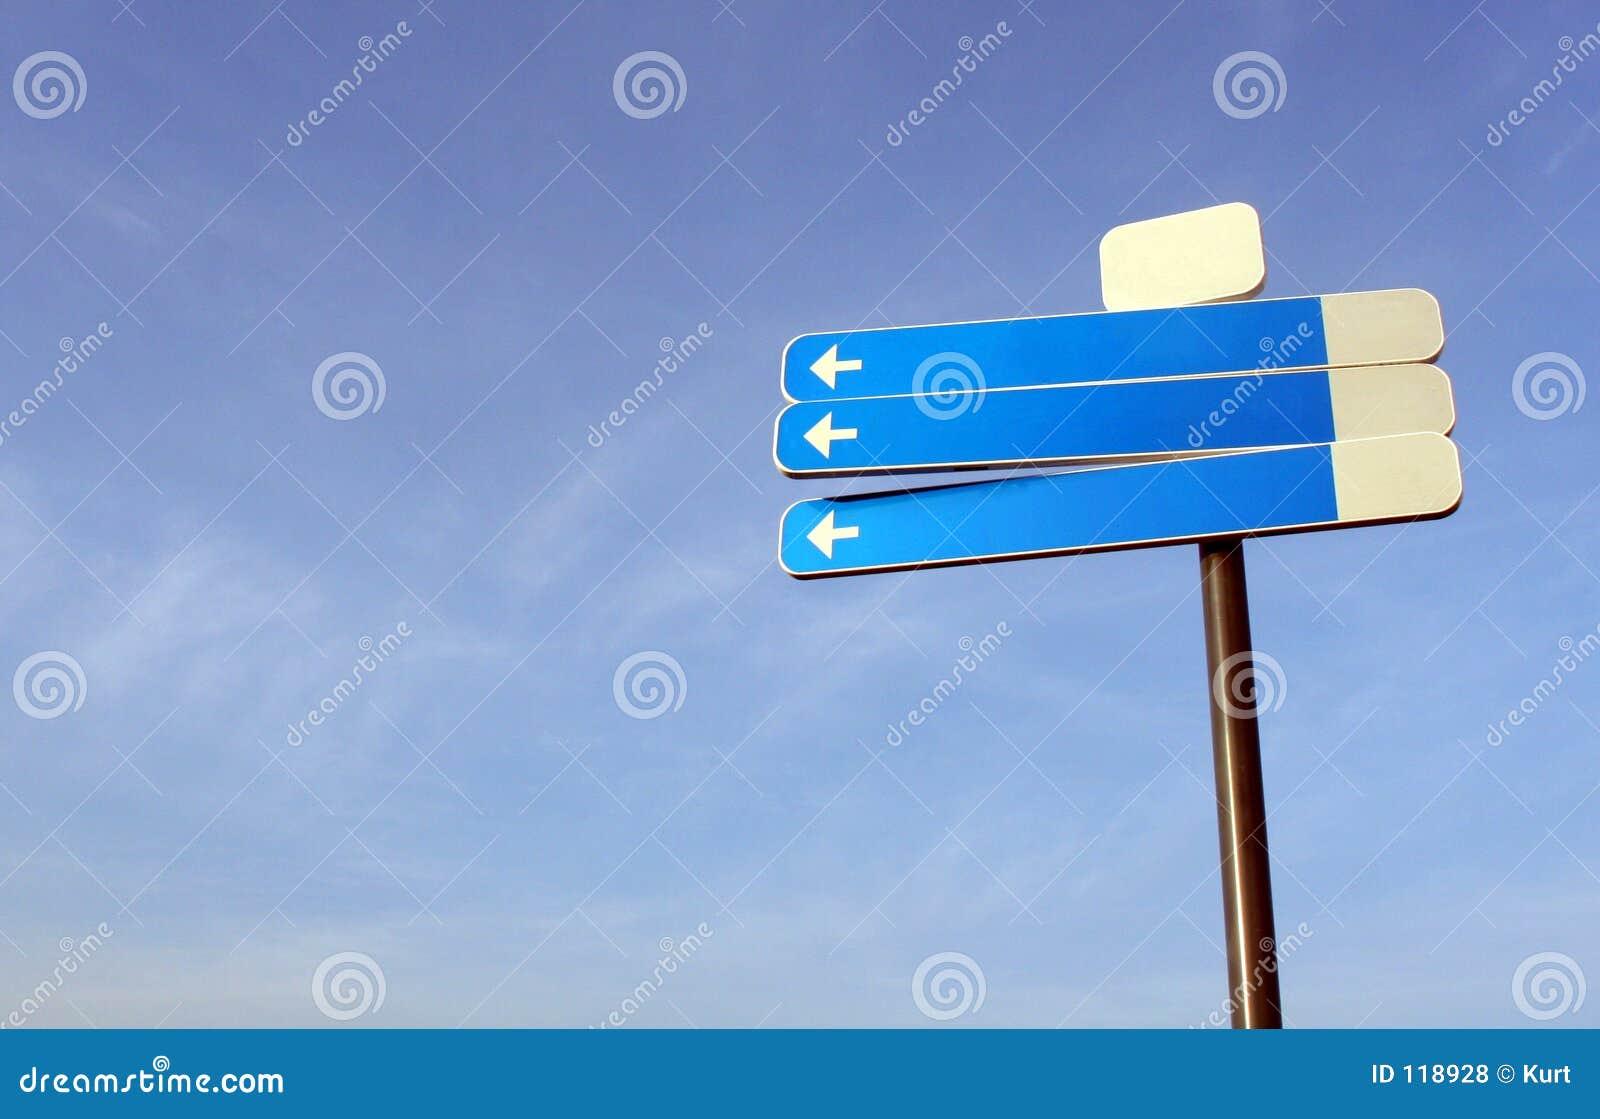 Poteau de signalisation blanc